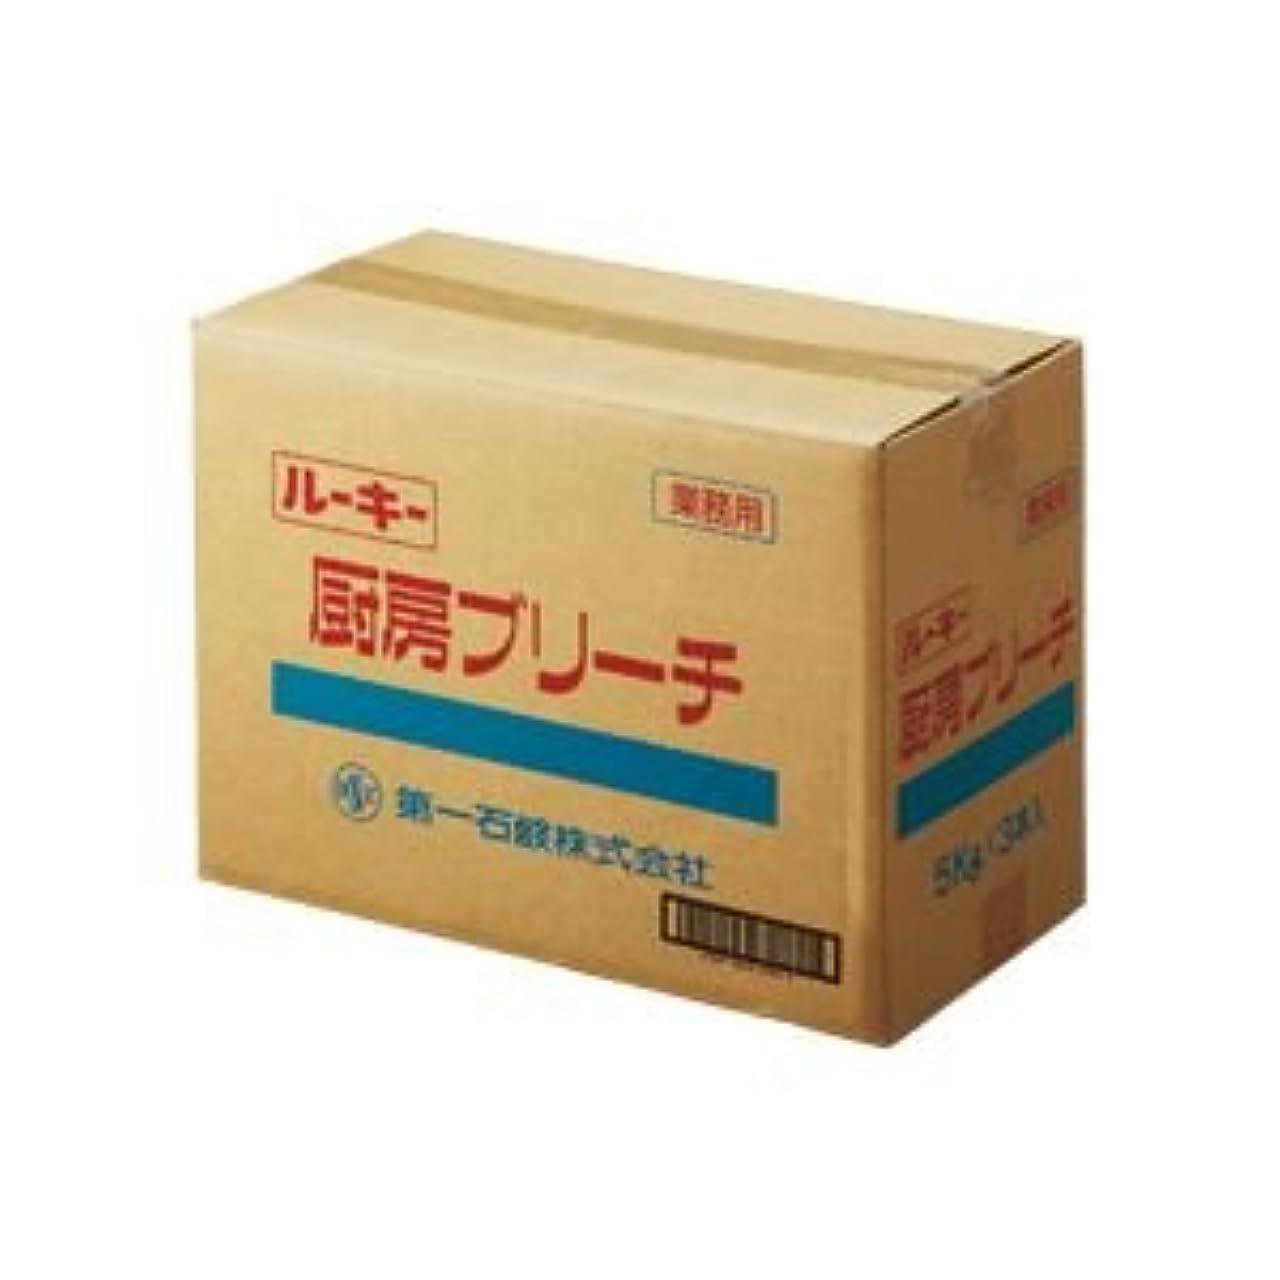 韓国語ファブリックリマーク(まとめ) 第一石鹸 ルーキー 厨房ブリーチ 業務用 5kg/本 1セット(3本) 【×2セット】